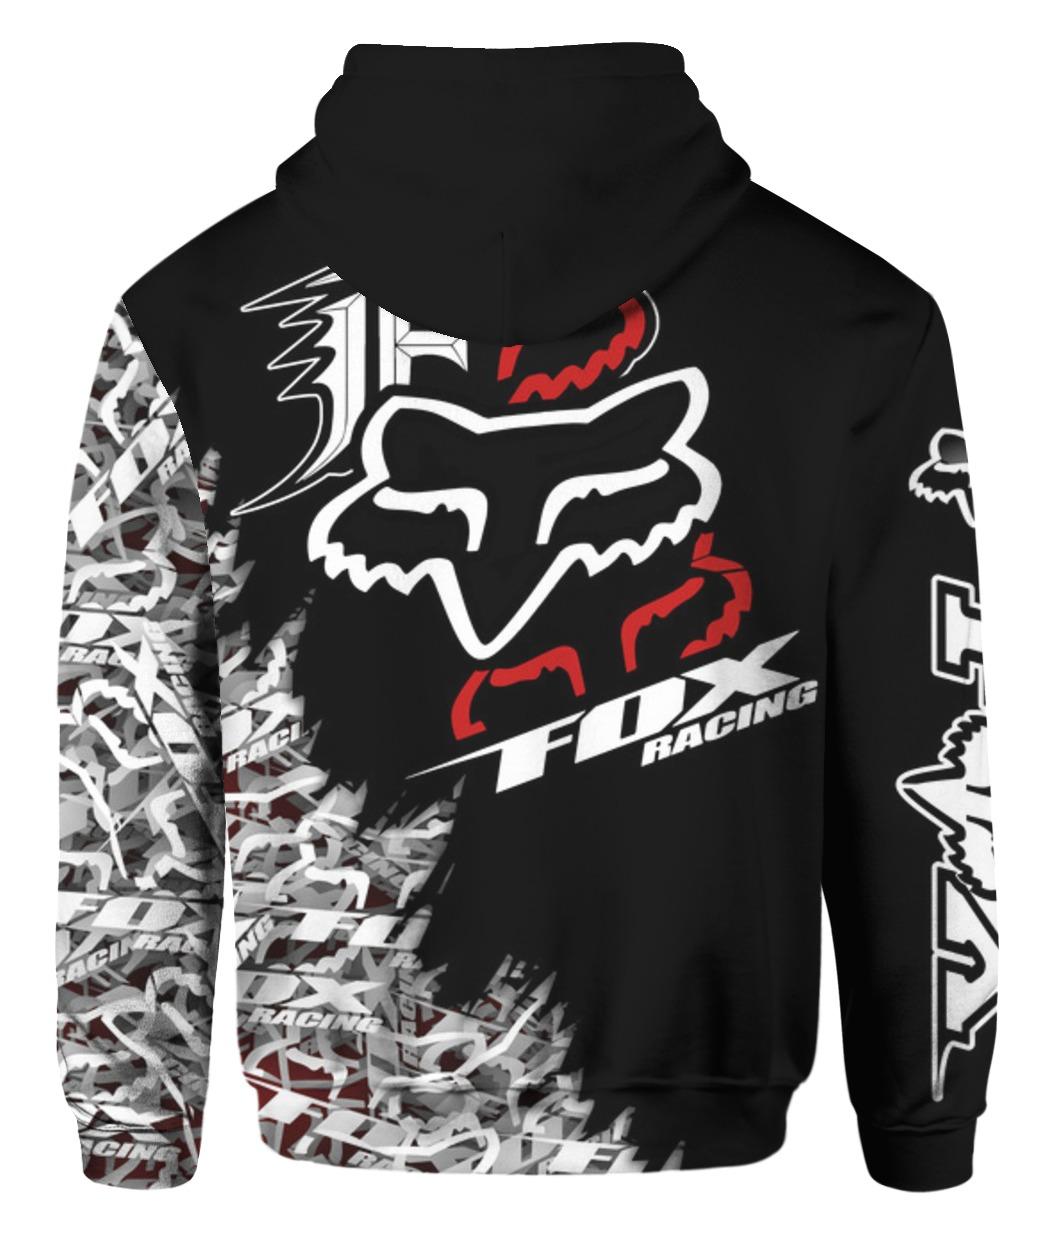 Fox racing full printing hoodie - back